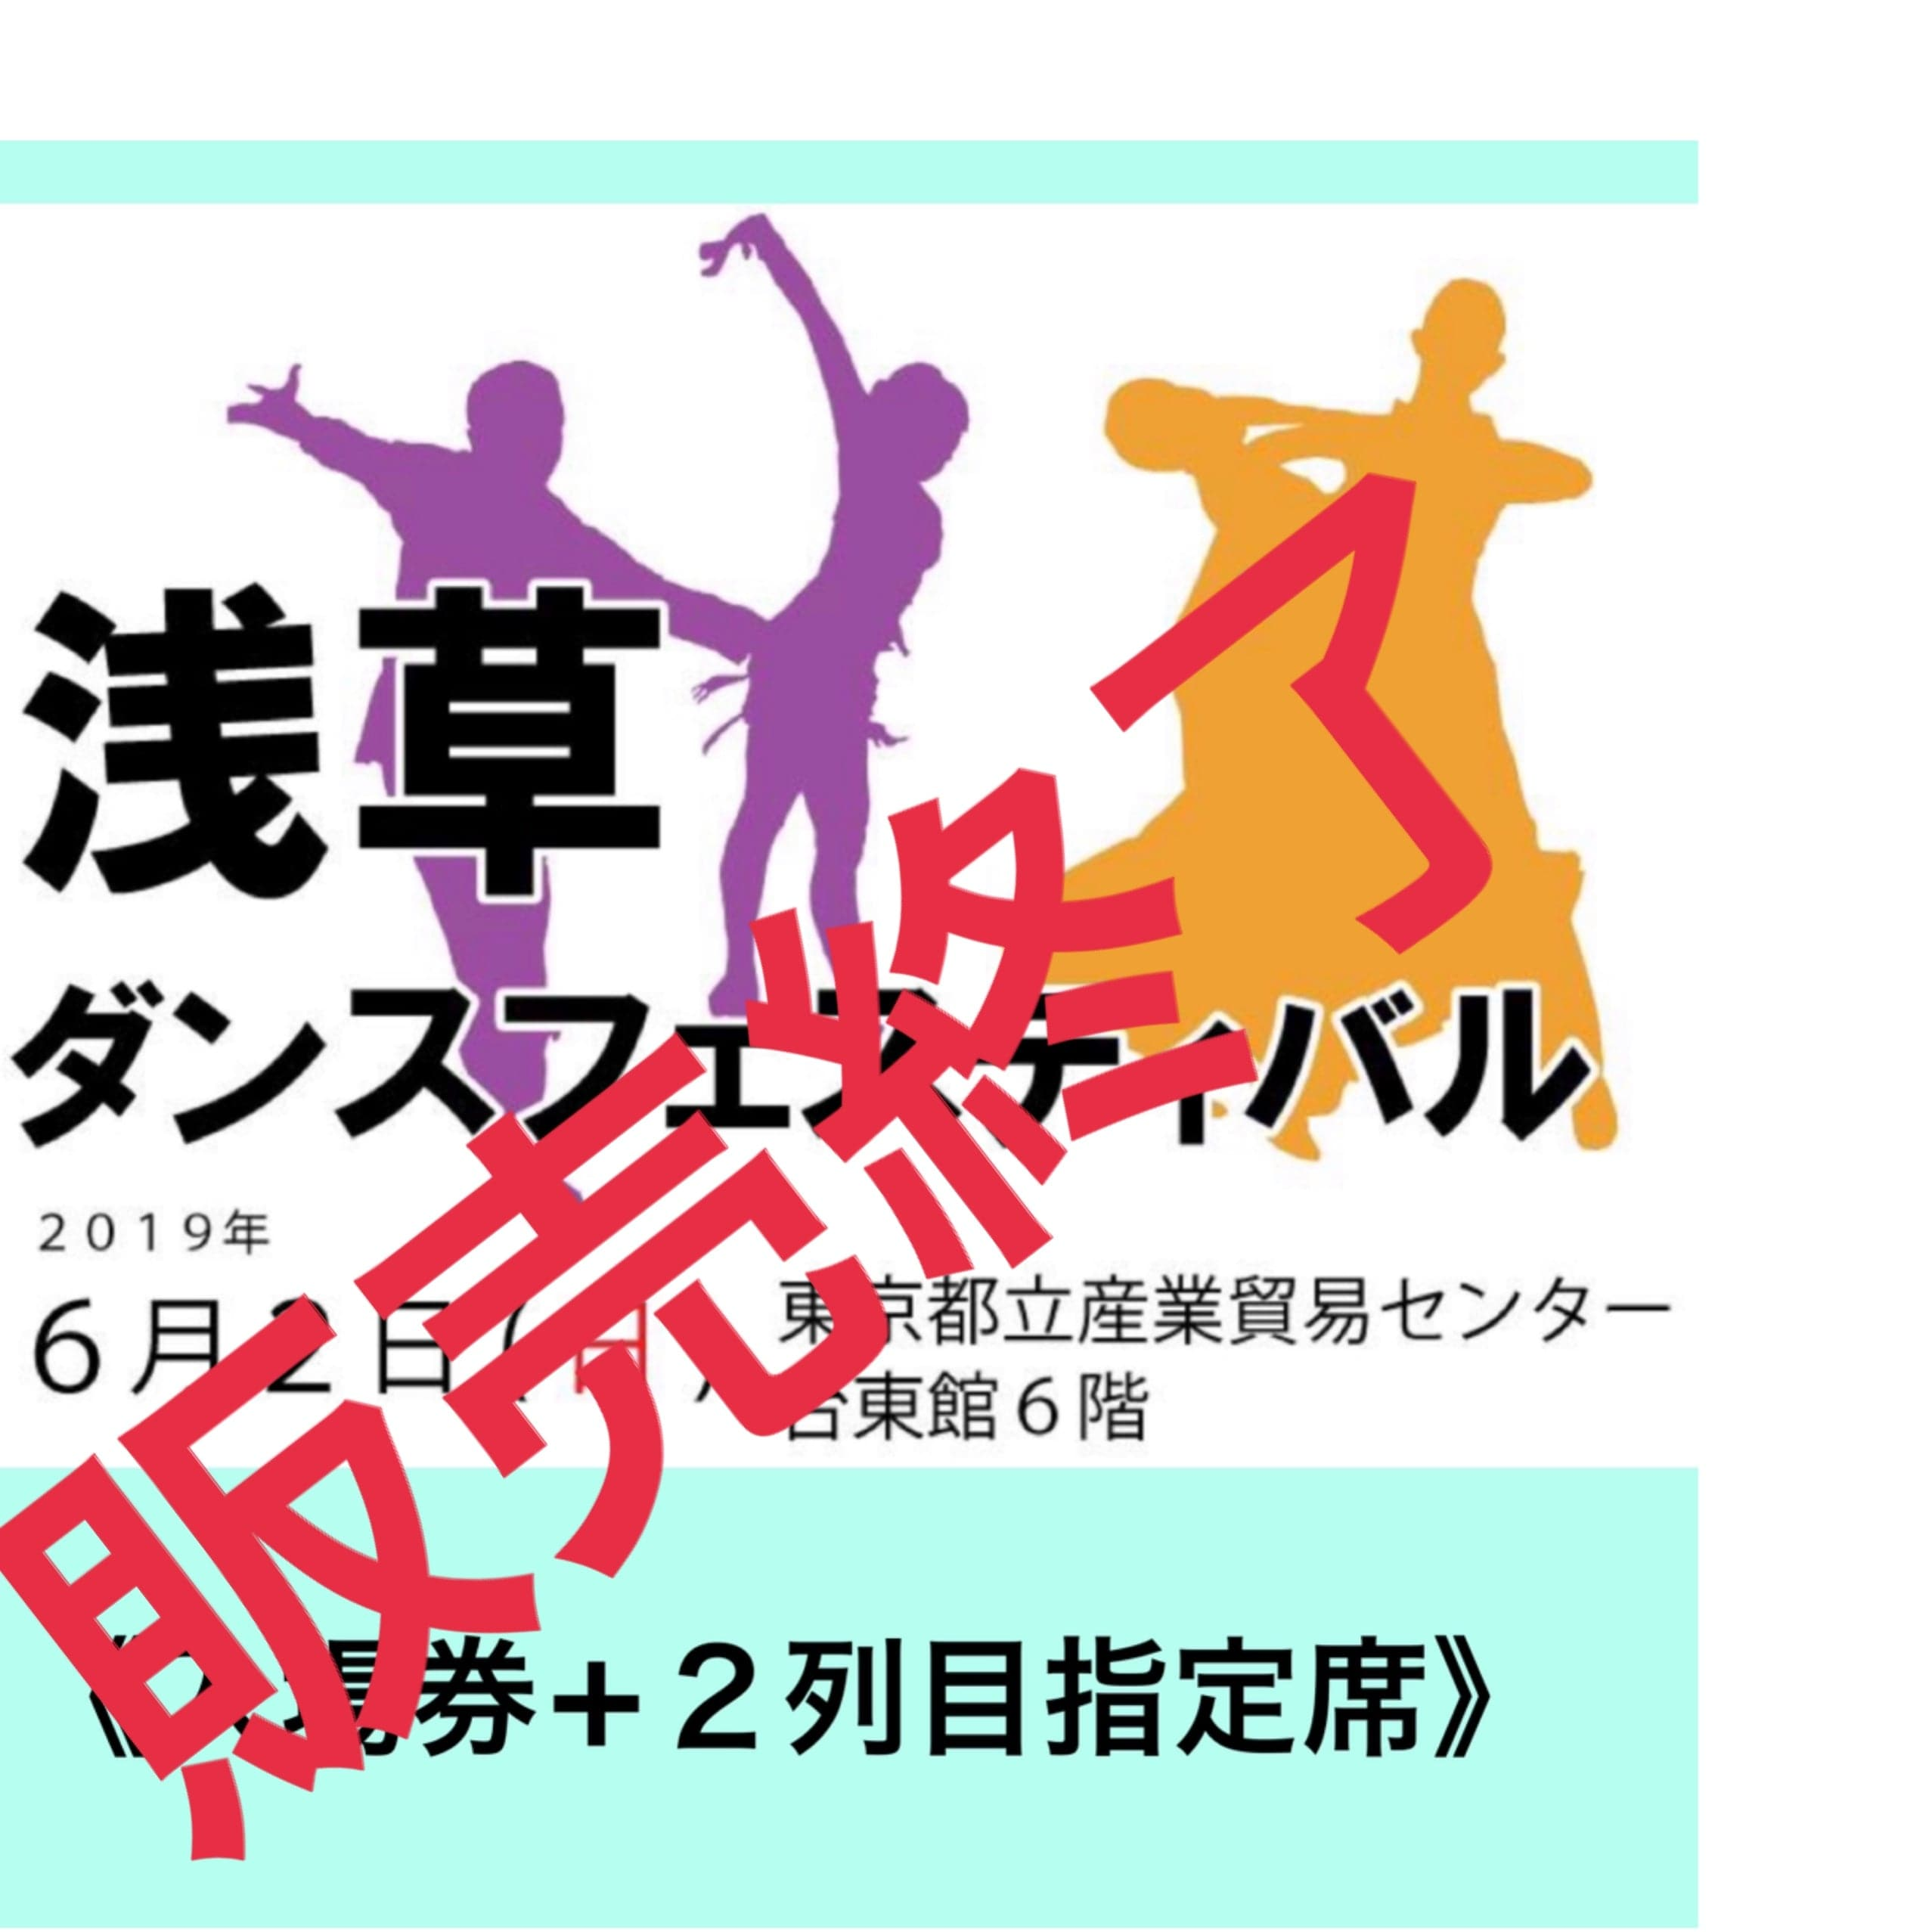 2019/6/2 浅草ダンスフェスティバル 入場券+2列目指定席券のイメージその1